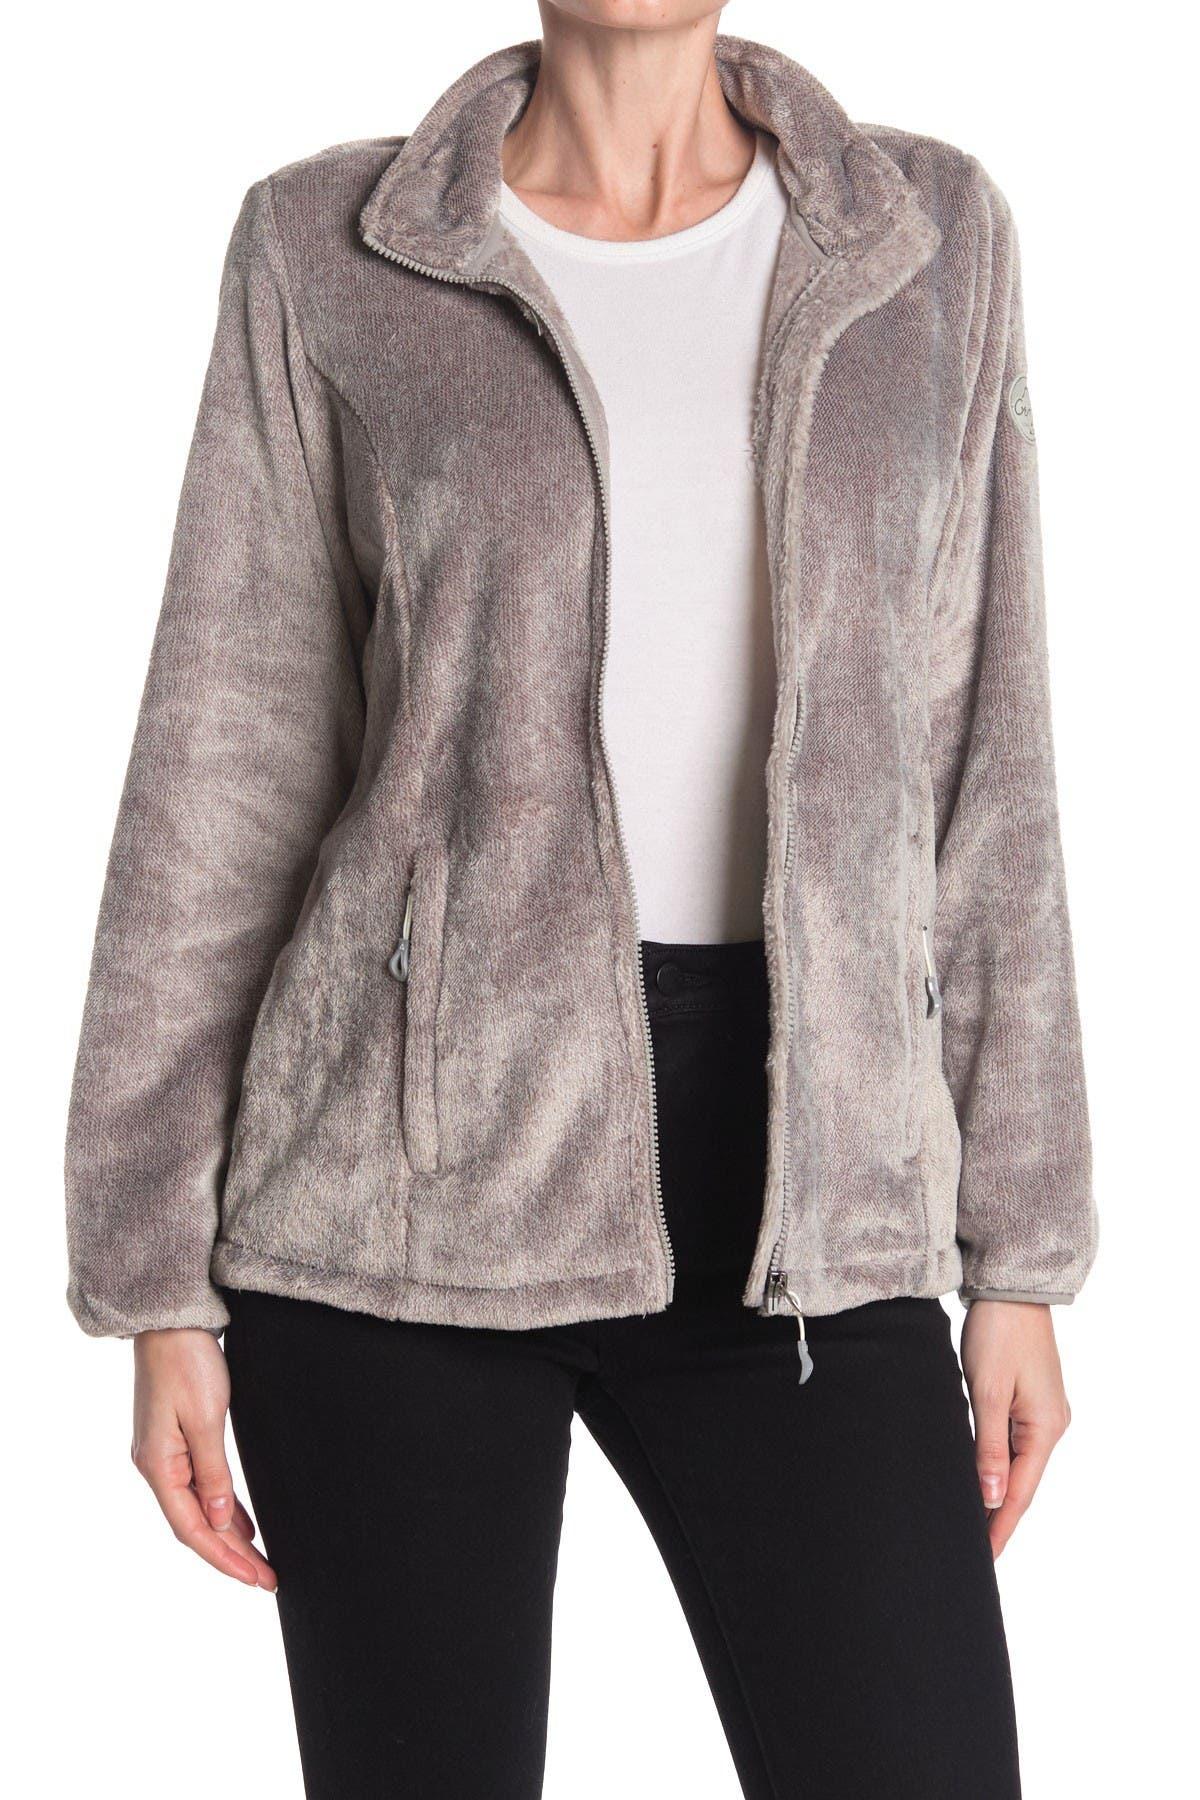 Image of Gerry Everest Zip Front Fleece Jacket